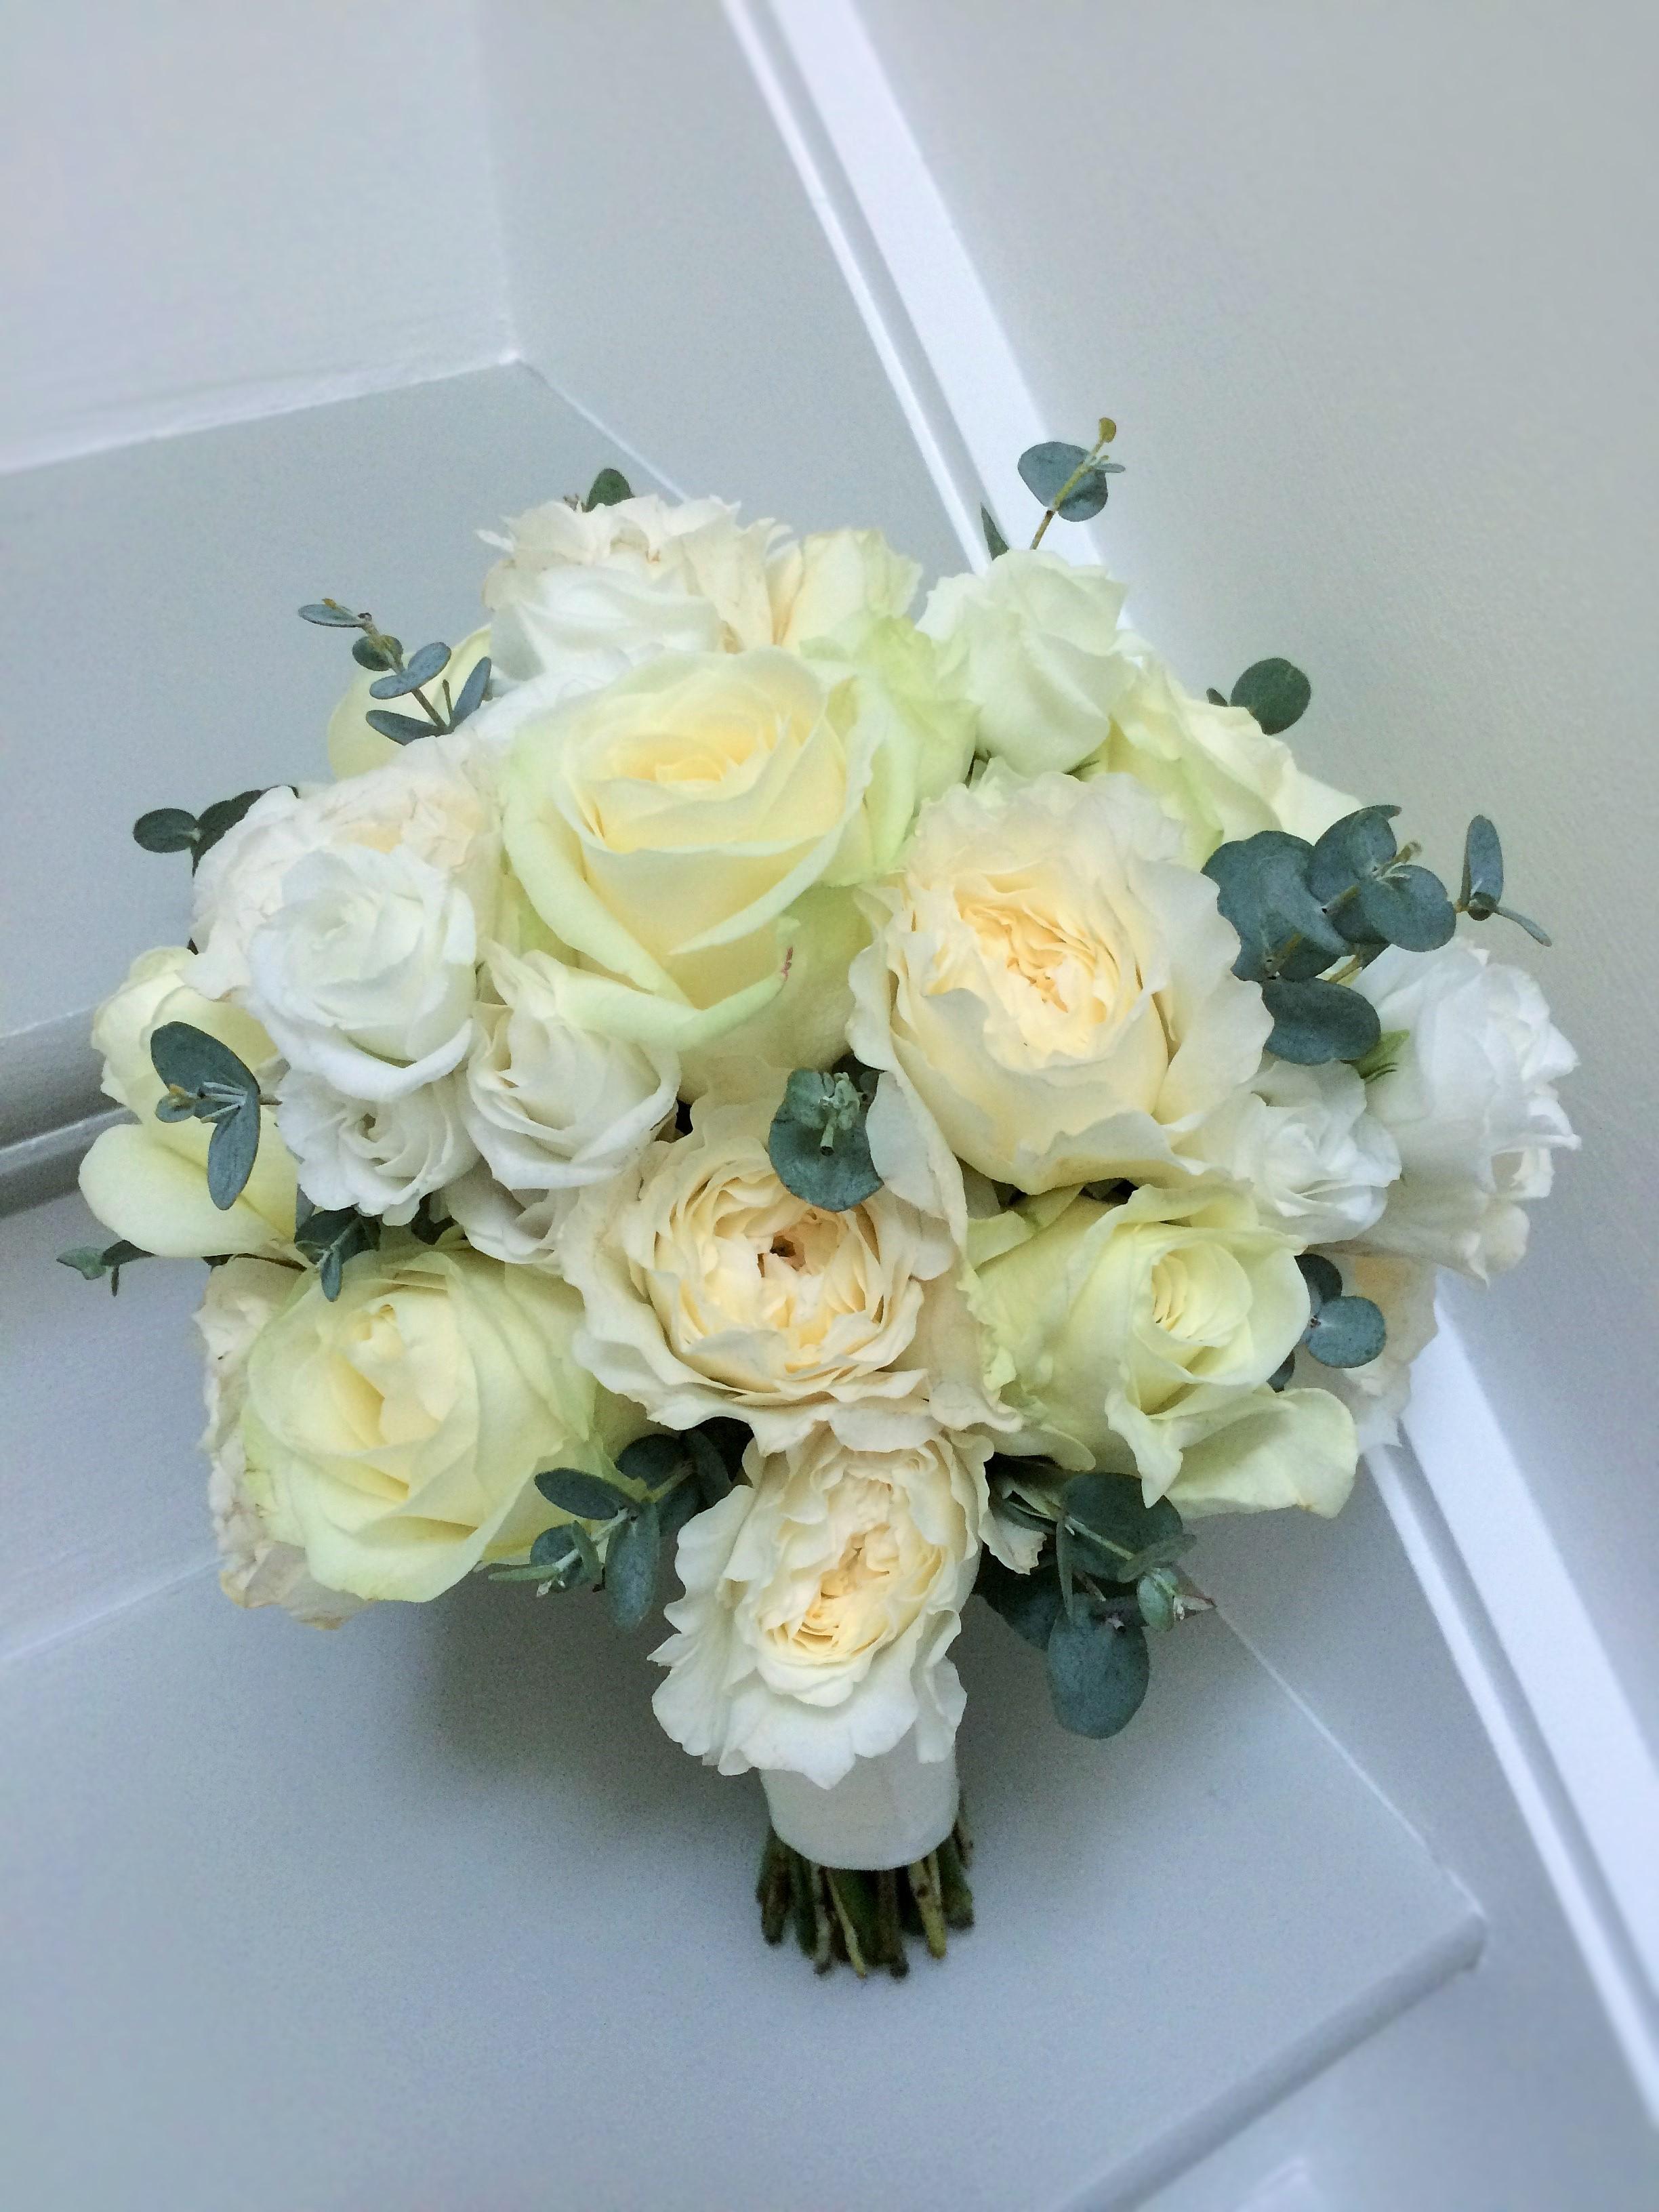 Handtied Bridal Bouuquet